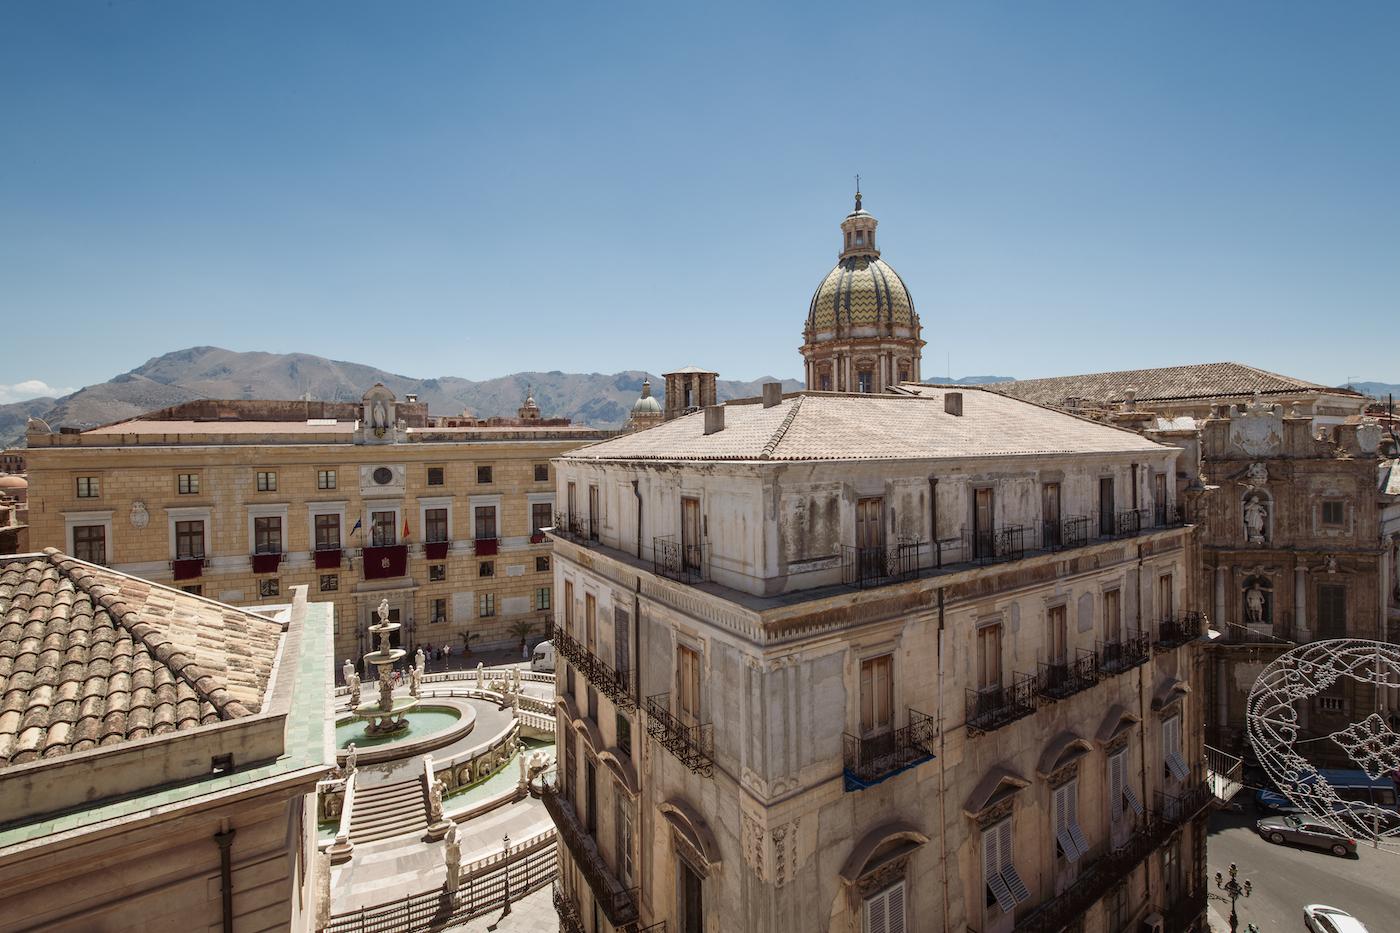 La vista dalla terrazza del B&B Hotel Palermo Quattro Canti: piazza Pretoria con l'omonima fontana